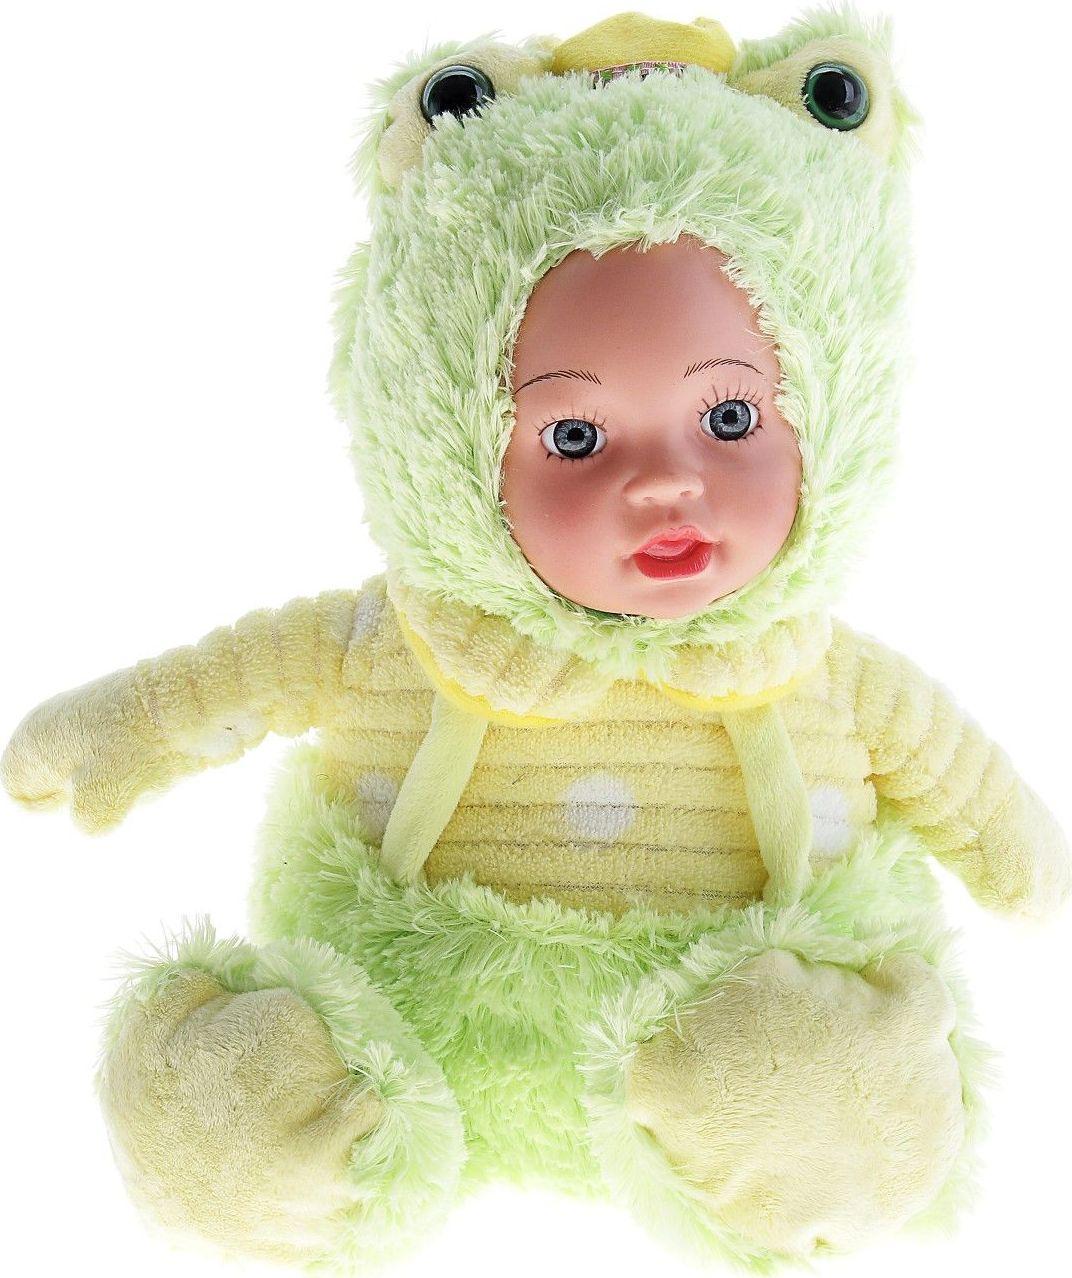 Sima-land Мягкая кукла в костюме лягушки 110743 sima land мягкая кукла оля с держателем и полотенцем цвет желтый